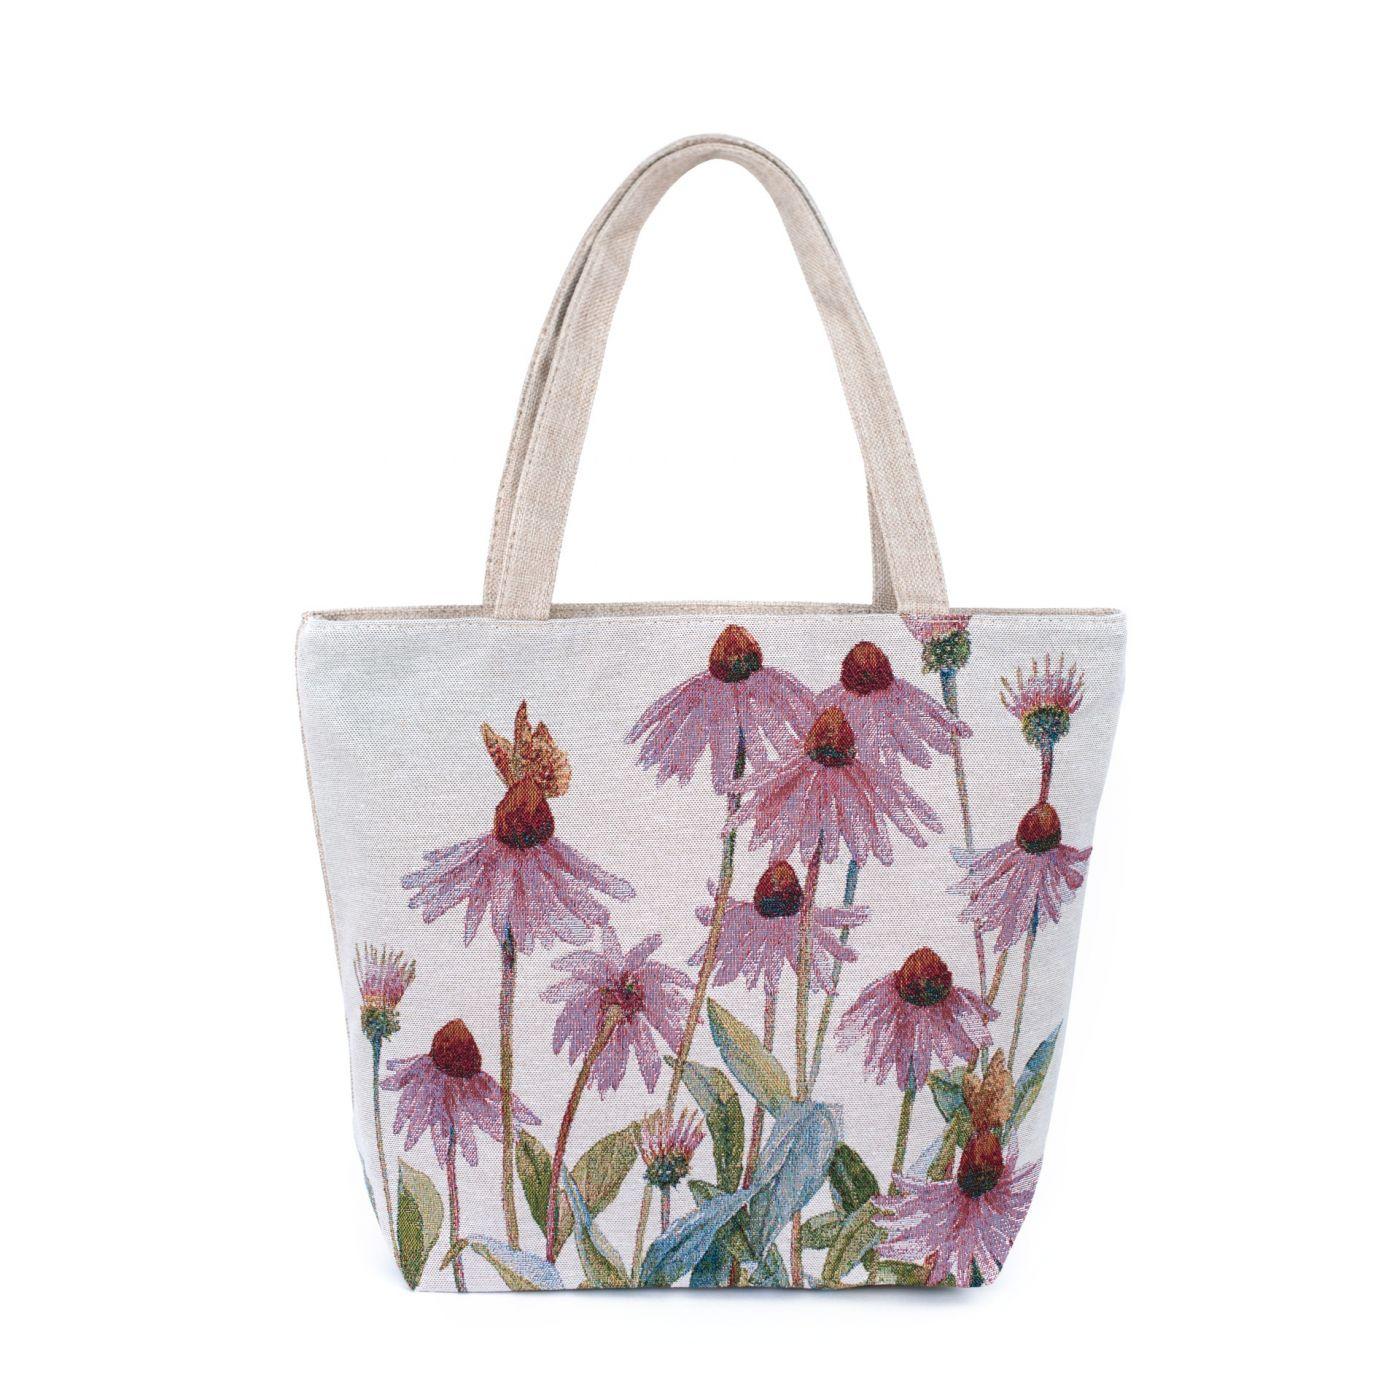 Art Of Polo Woman's Bag tr19228-3 Multicolour